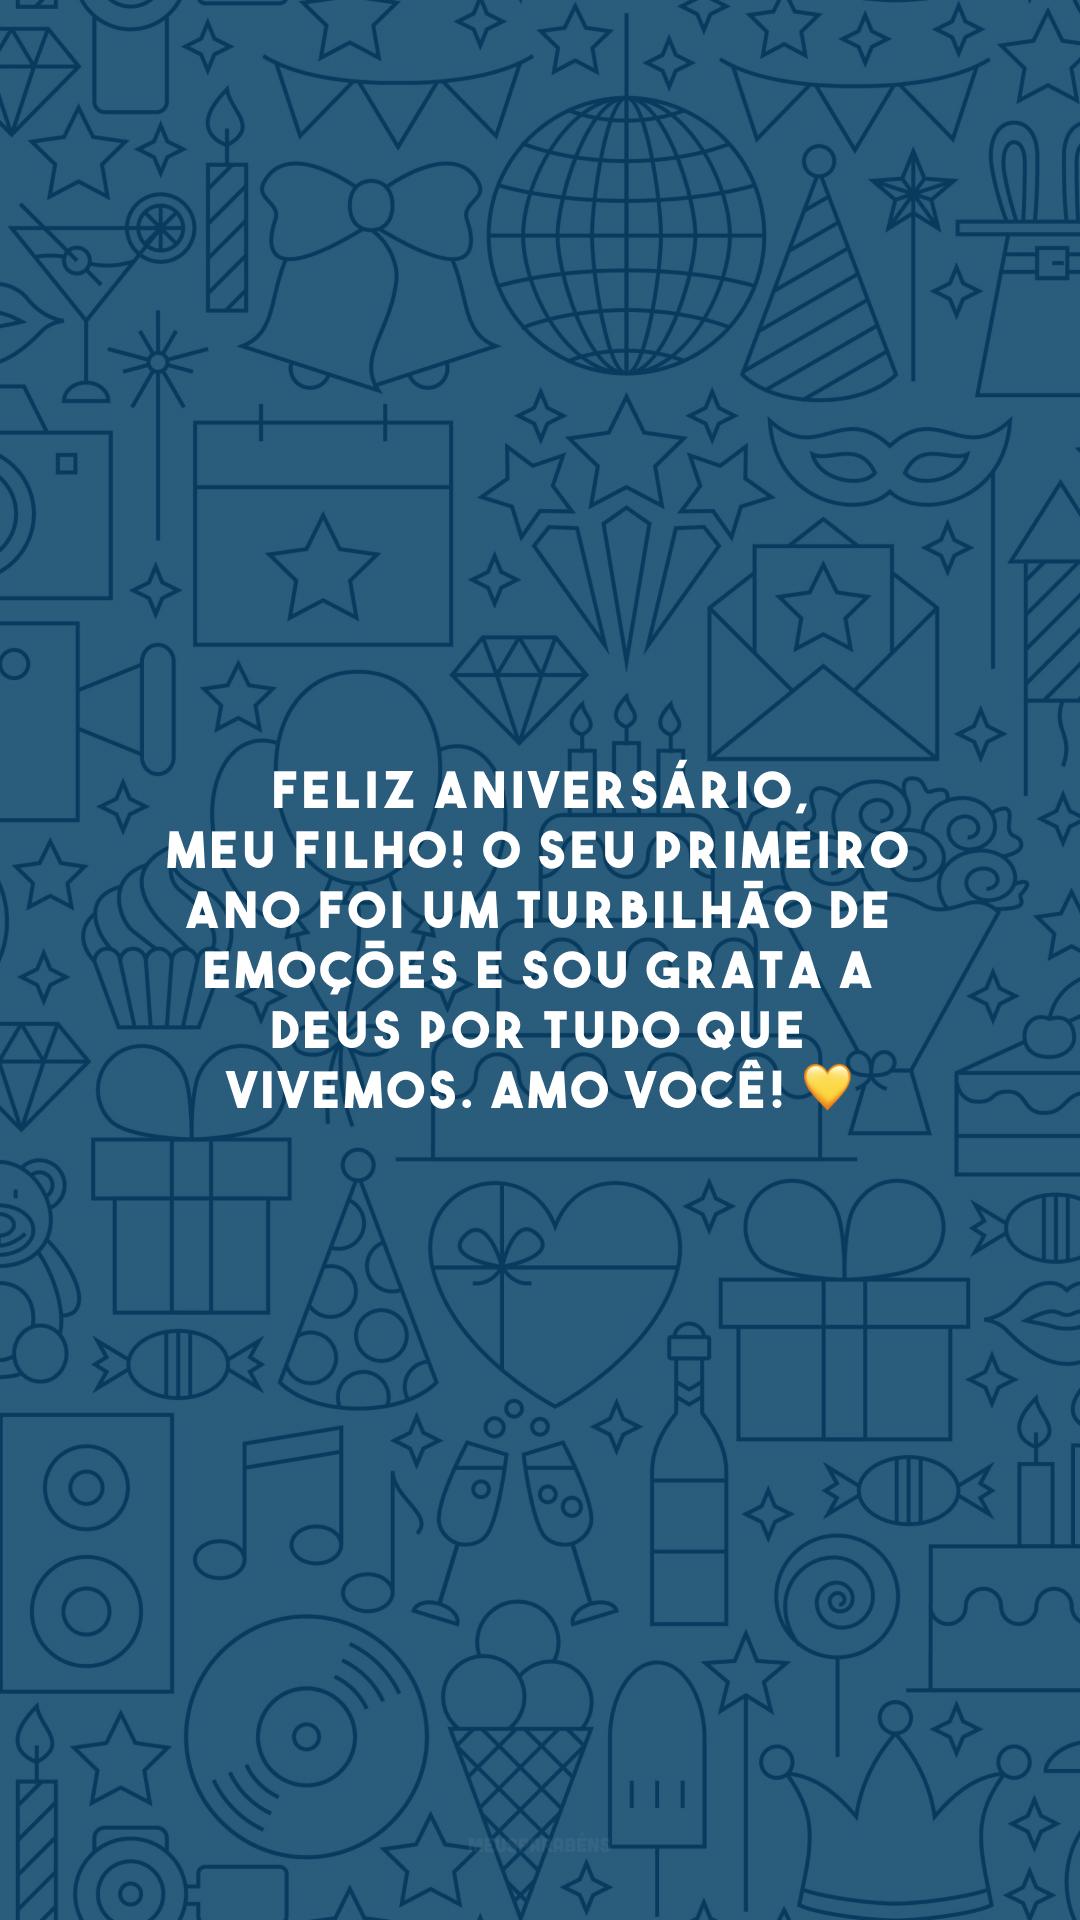 Feliz aniversário, meu filho! O seu primeiro ano foi um turbilhão de emoções e sou grata a Deus por tudo que vivemos. Amo você! 💛